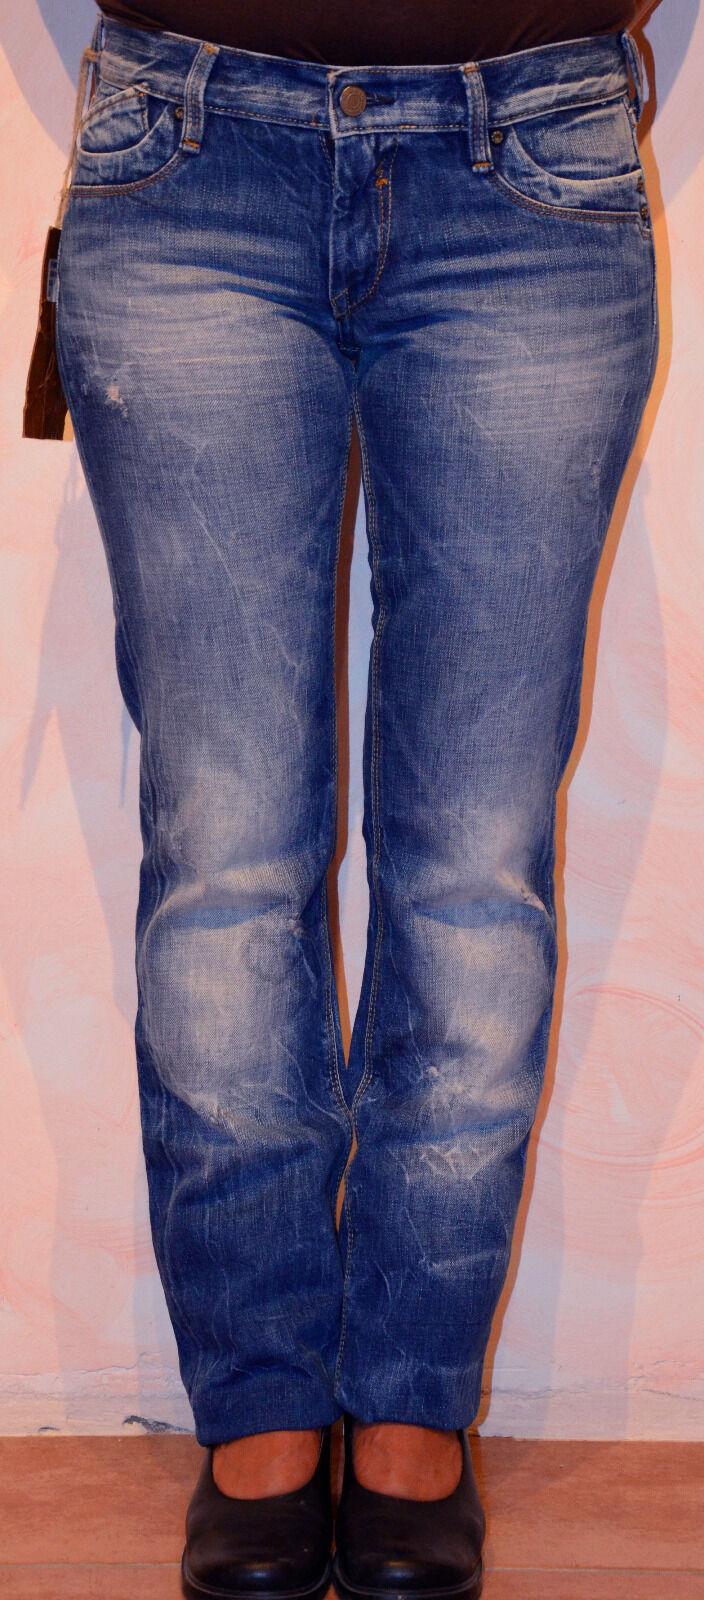 Jeans woman le TEMPS DES CERISES model KIM STORM Size W24 (34)   NEW